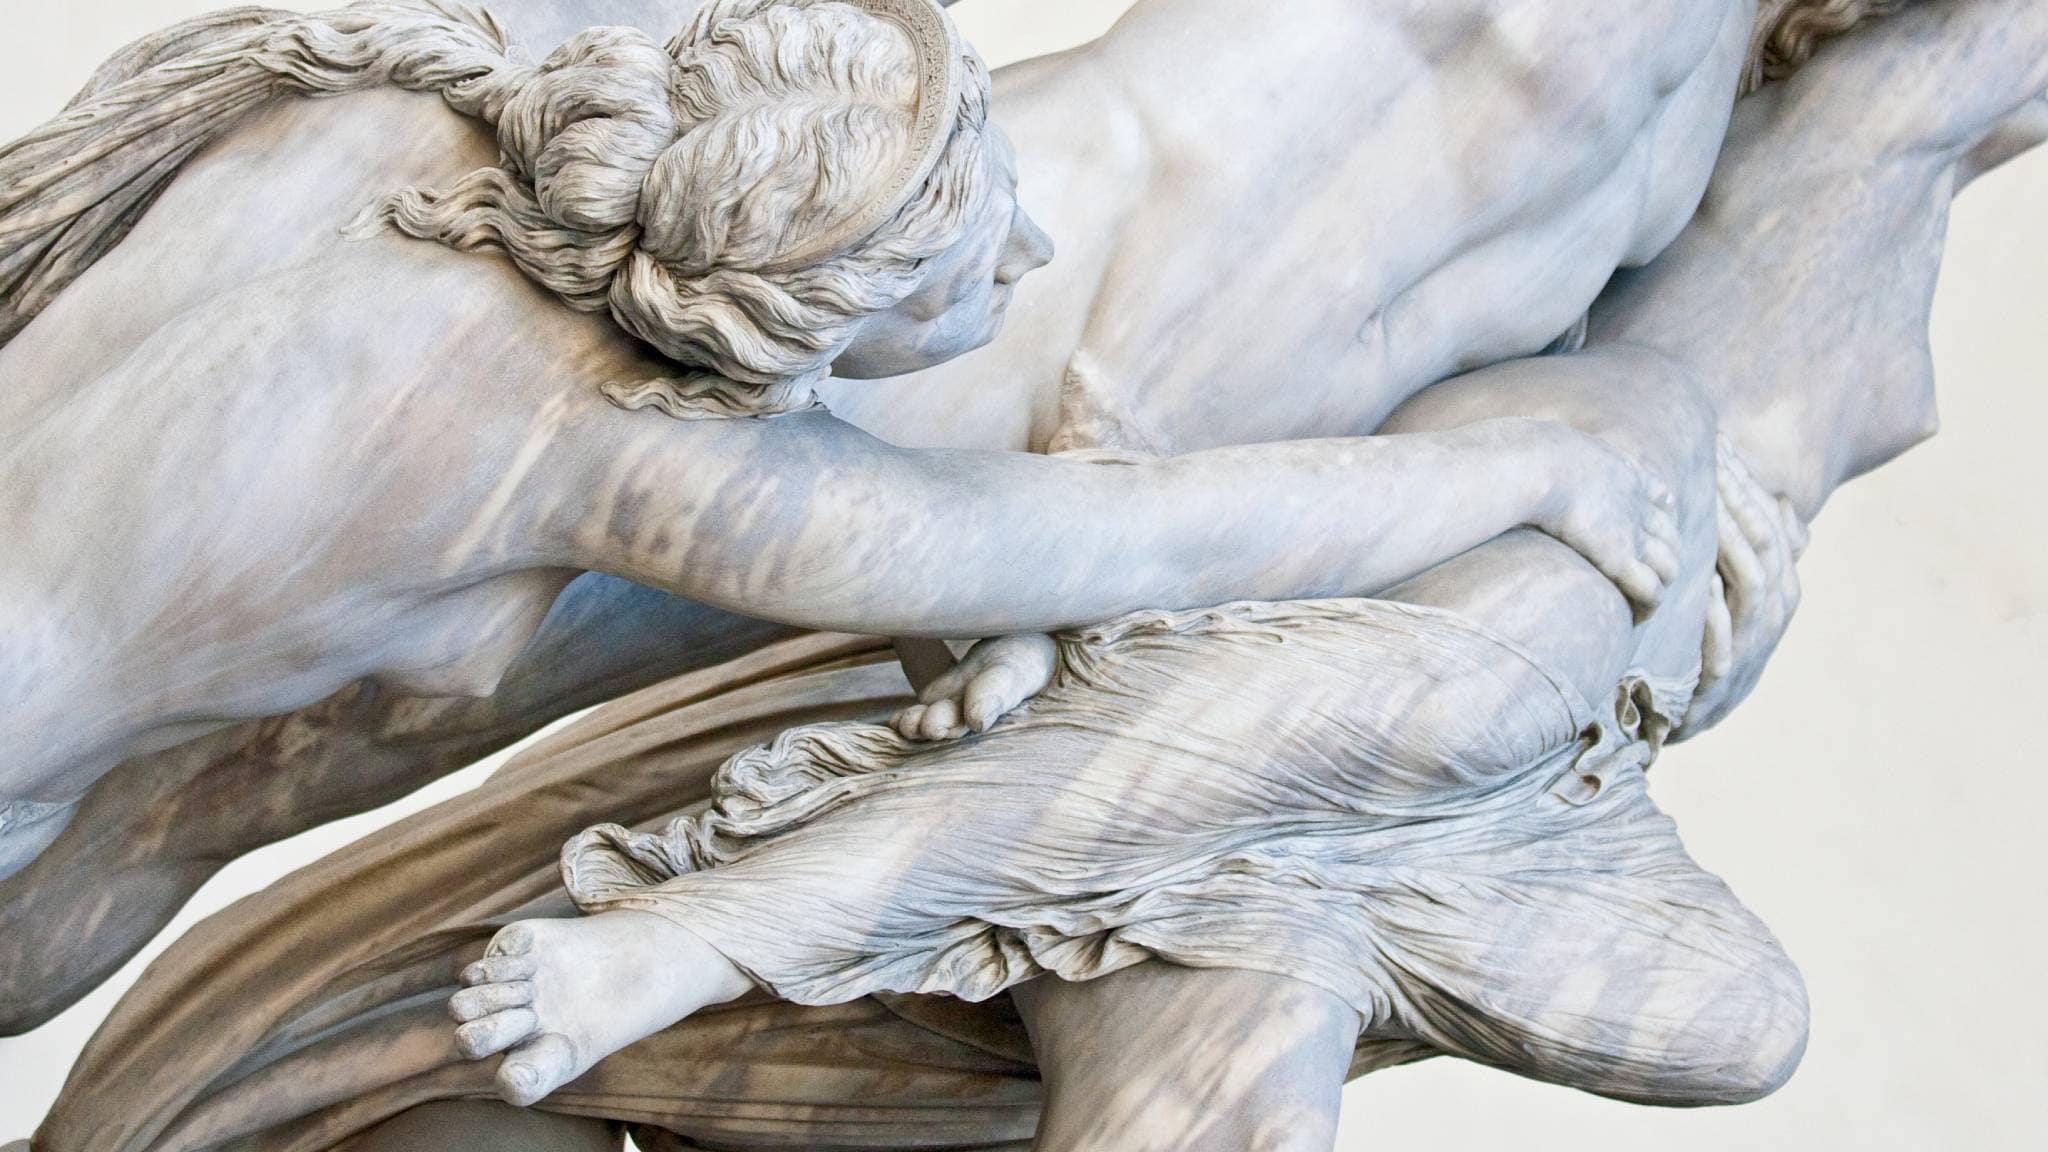 Rai Scuola Enciclopedia infinita Storia dell'arte